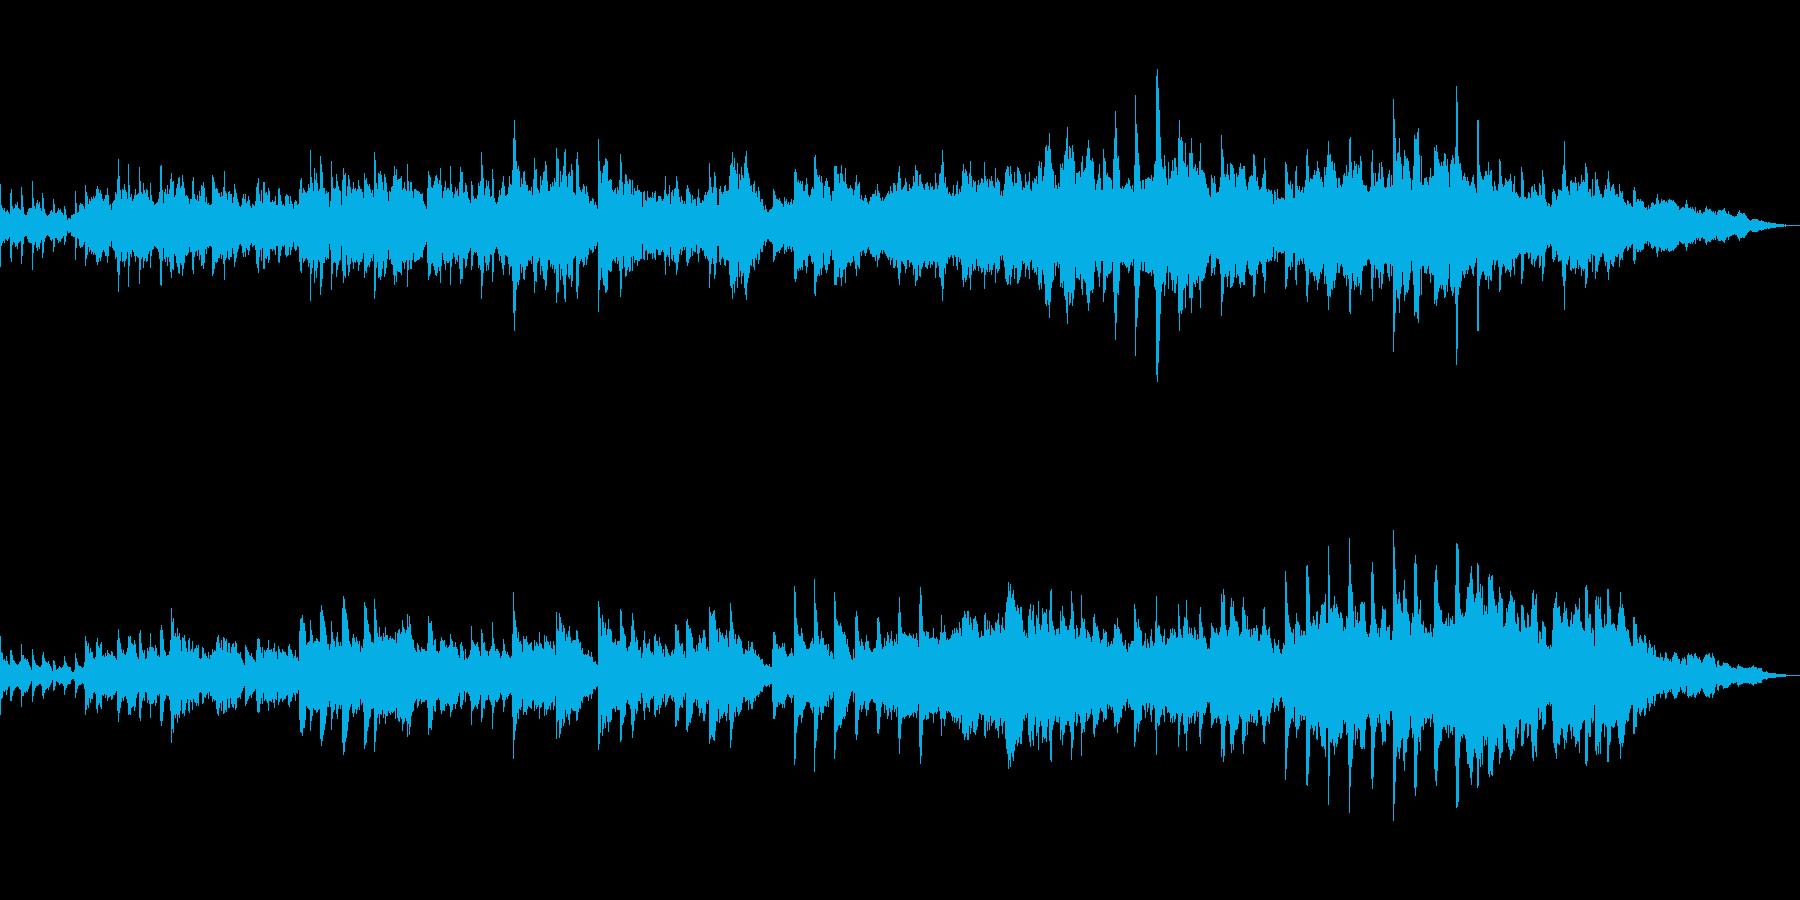 ピアノとストリングスしっとり切ない系の曲の再生済みの波形